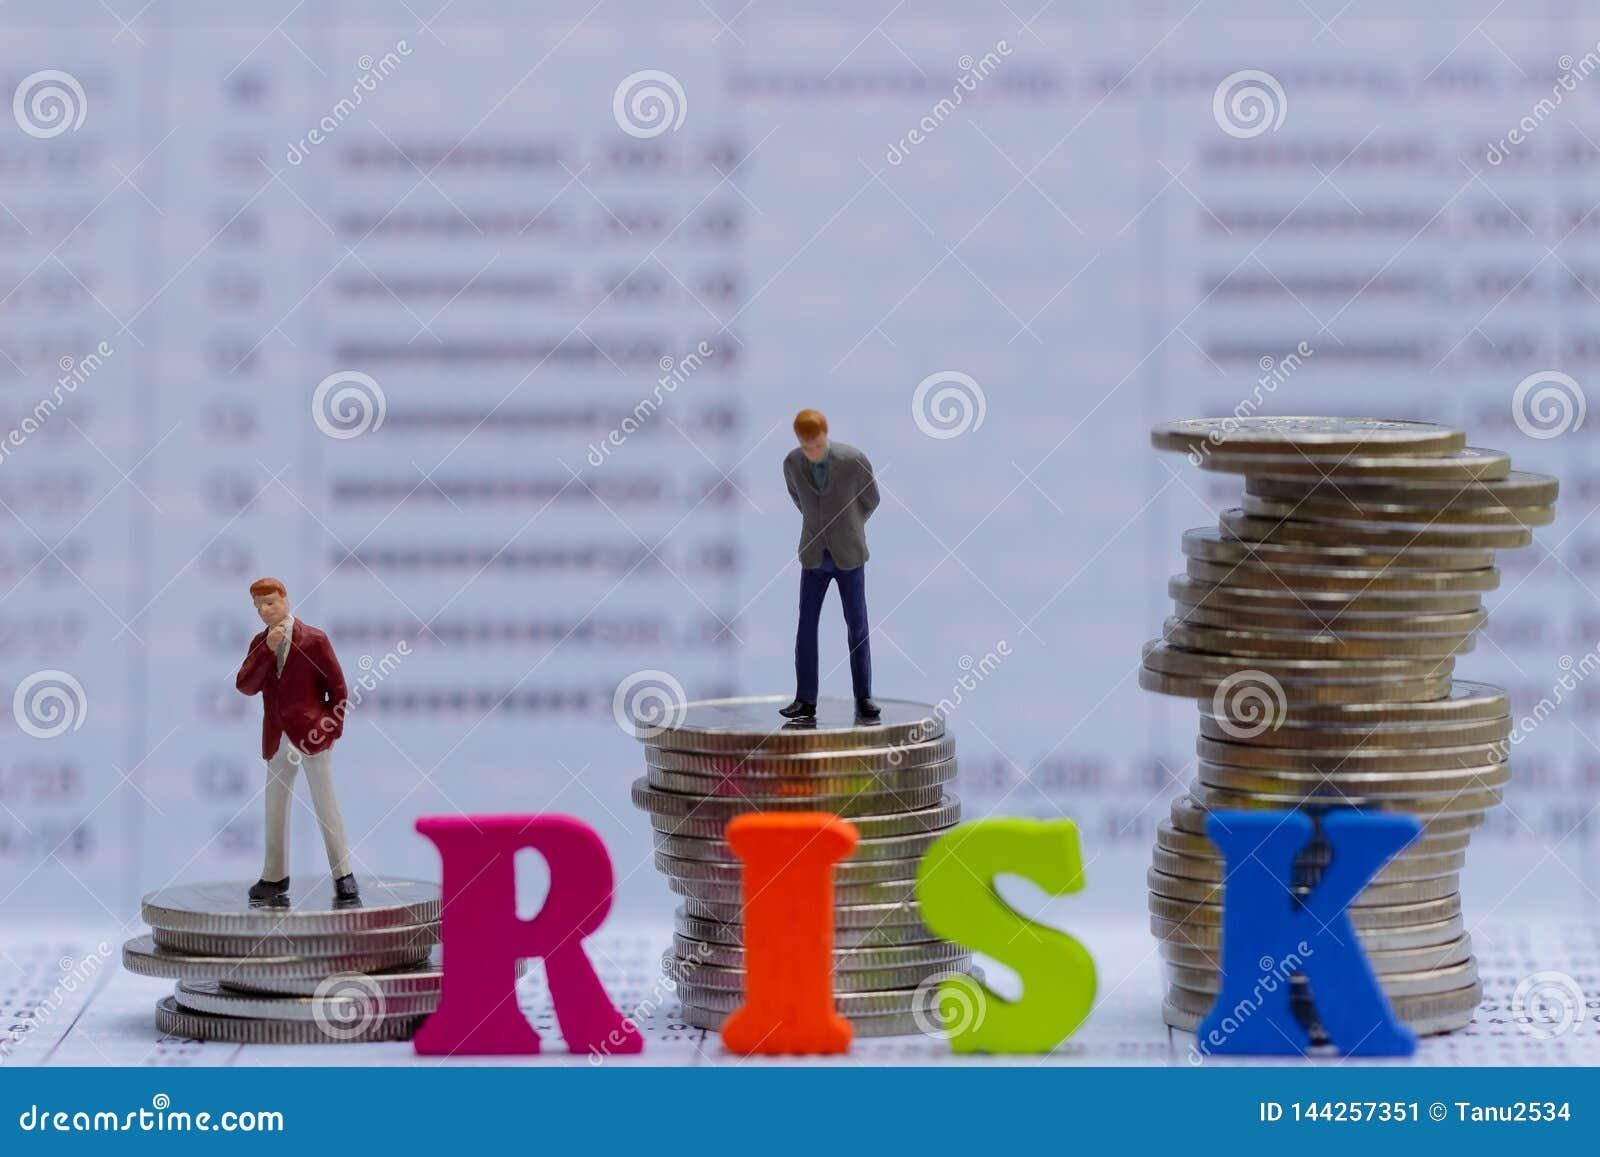 Risikomanagement und Kleinbetrieb bemannt auf Banksparbuch